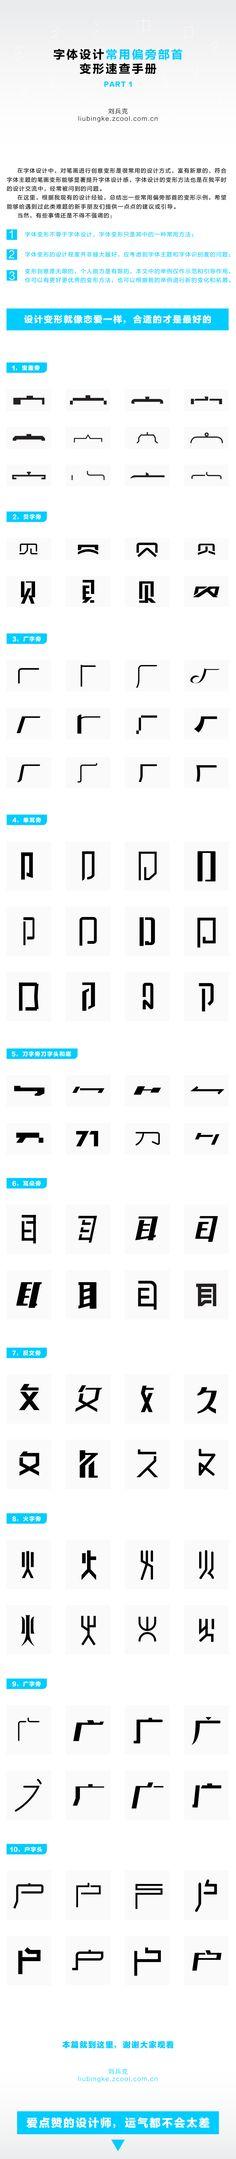 常用偏旁部首变形速查手册/1|字体|原创/自译教程|刘兵克 - 设计文章/教程分享 - 站酷 (ZCOOL)